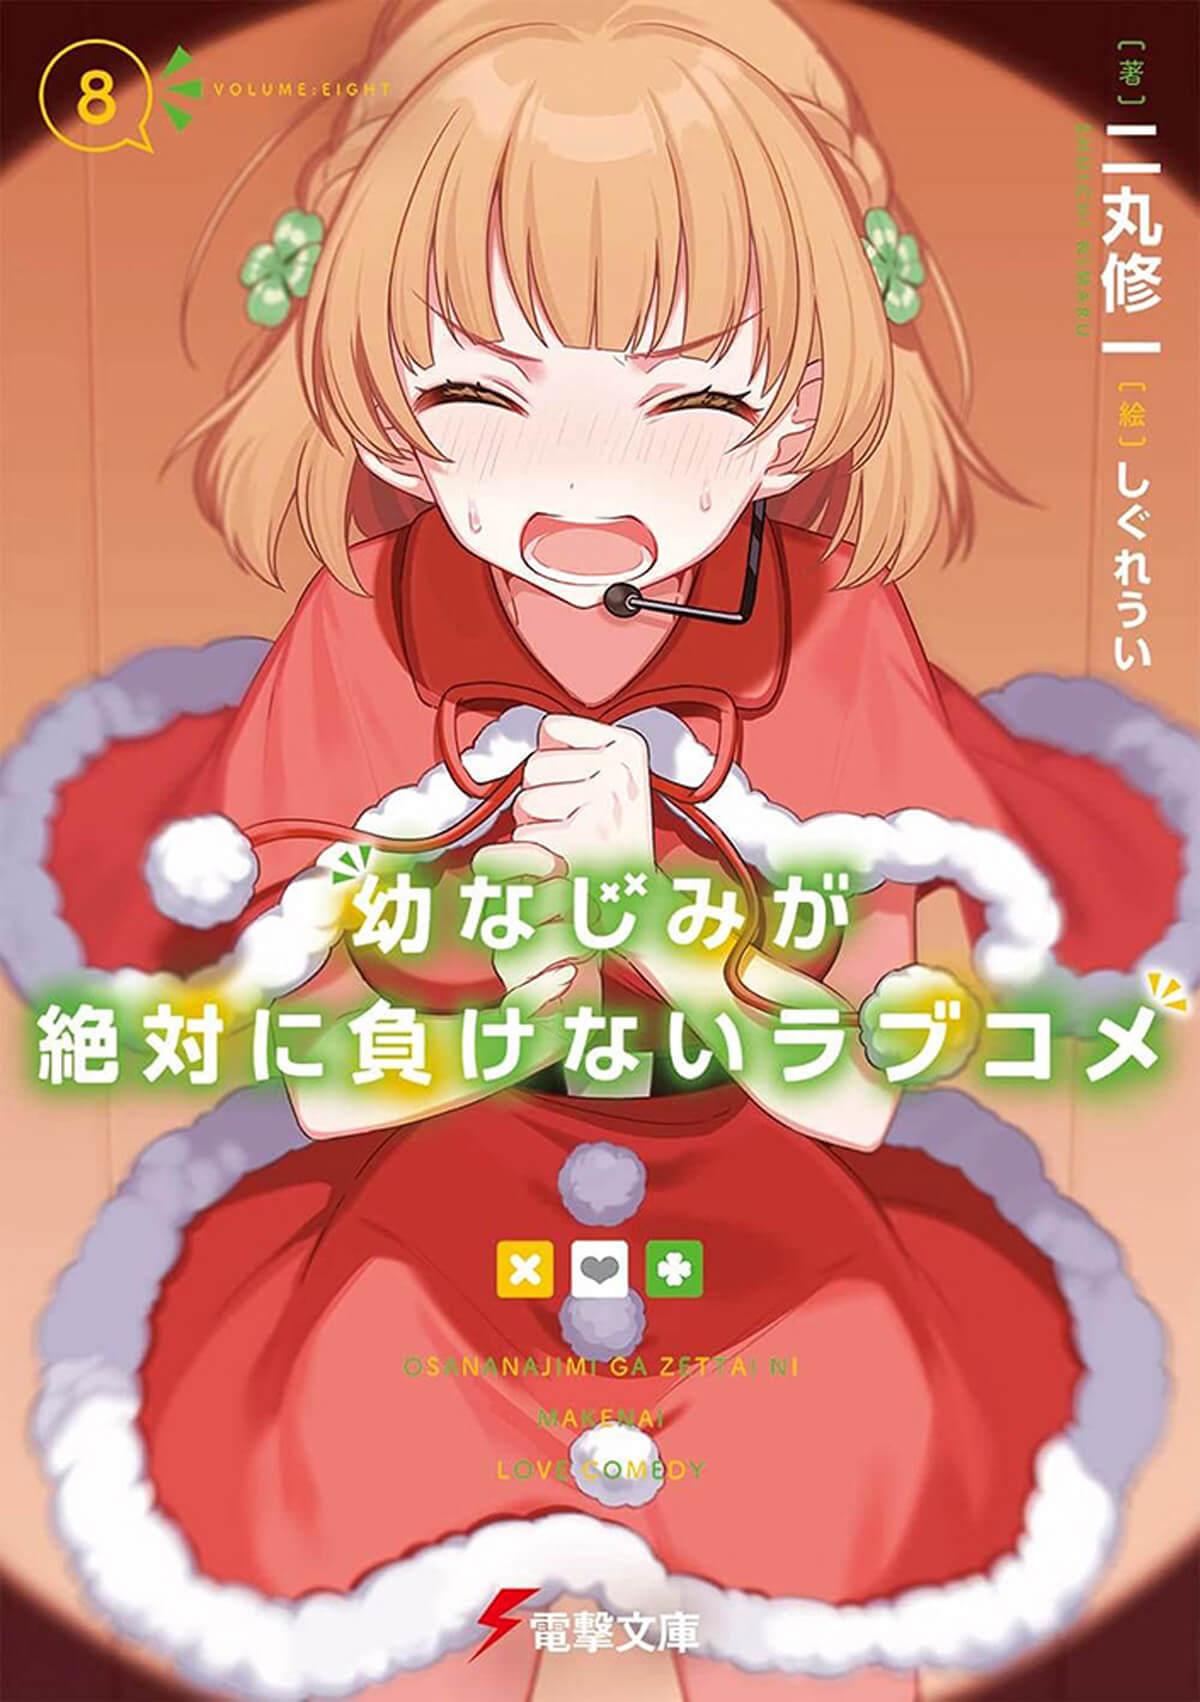 Kuroha Shida Christmas Dress